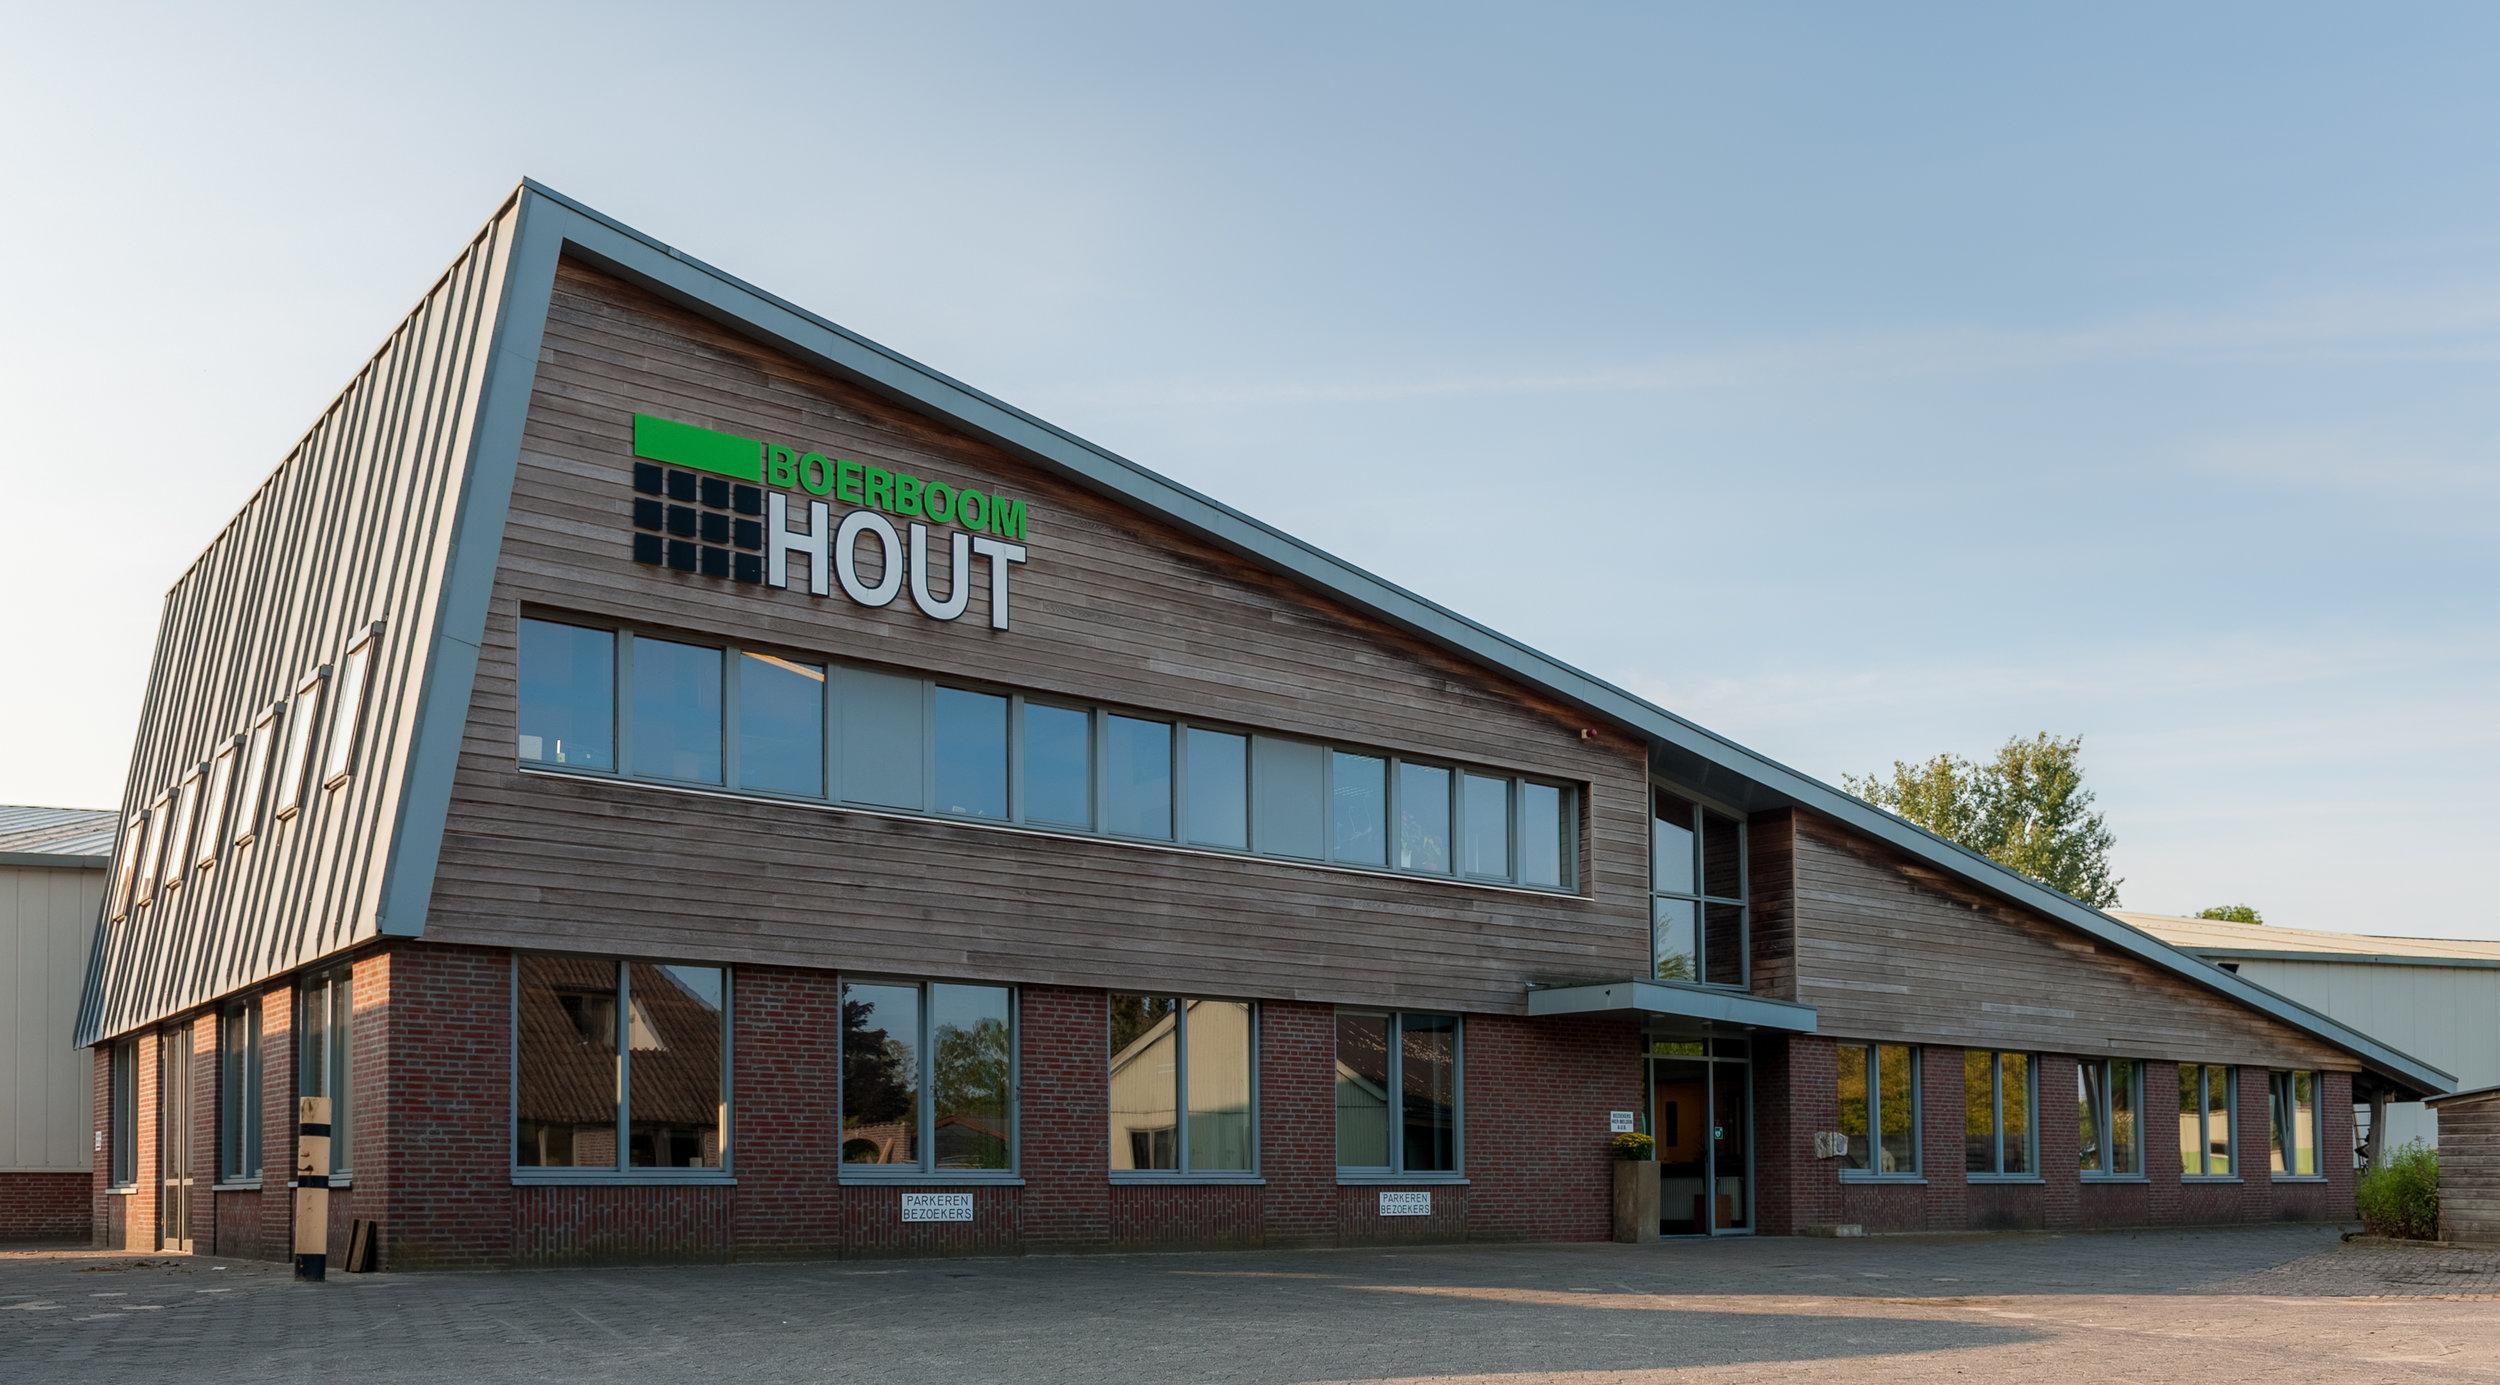 Geschiedenis - Frans Boerboom is in 1973 begonnen als ambachtelijk houtbewerker. Al snel ontwikkelde Boerboom Hout zich als timmerbedrijf voor de bouw. Media jaren 80 is de focus verlegd op de toelevering aan de industrie.Boerboom Hout ontwikkelde zich tot een industrieel toeleverancier die haar mannetje staat: een volwaardig toeleverancier van grote en middelgrote series in massief hout en plaatmateriaal, halffabricaten en eindproducten.